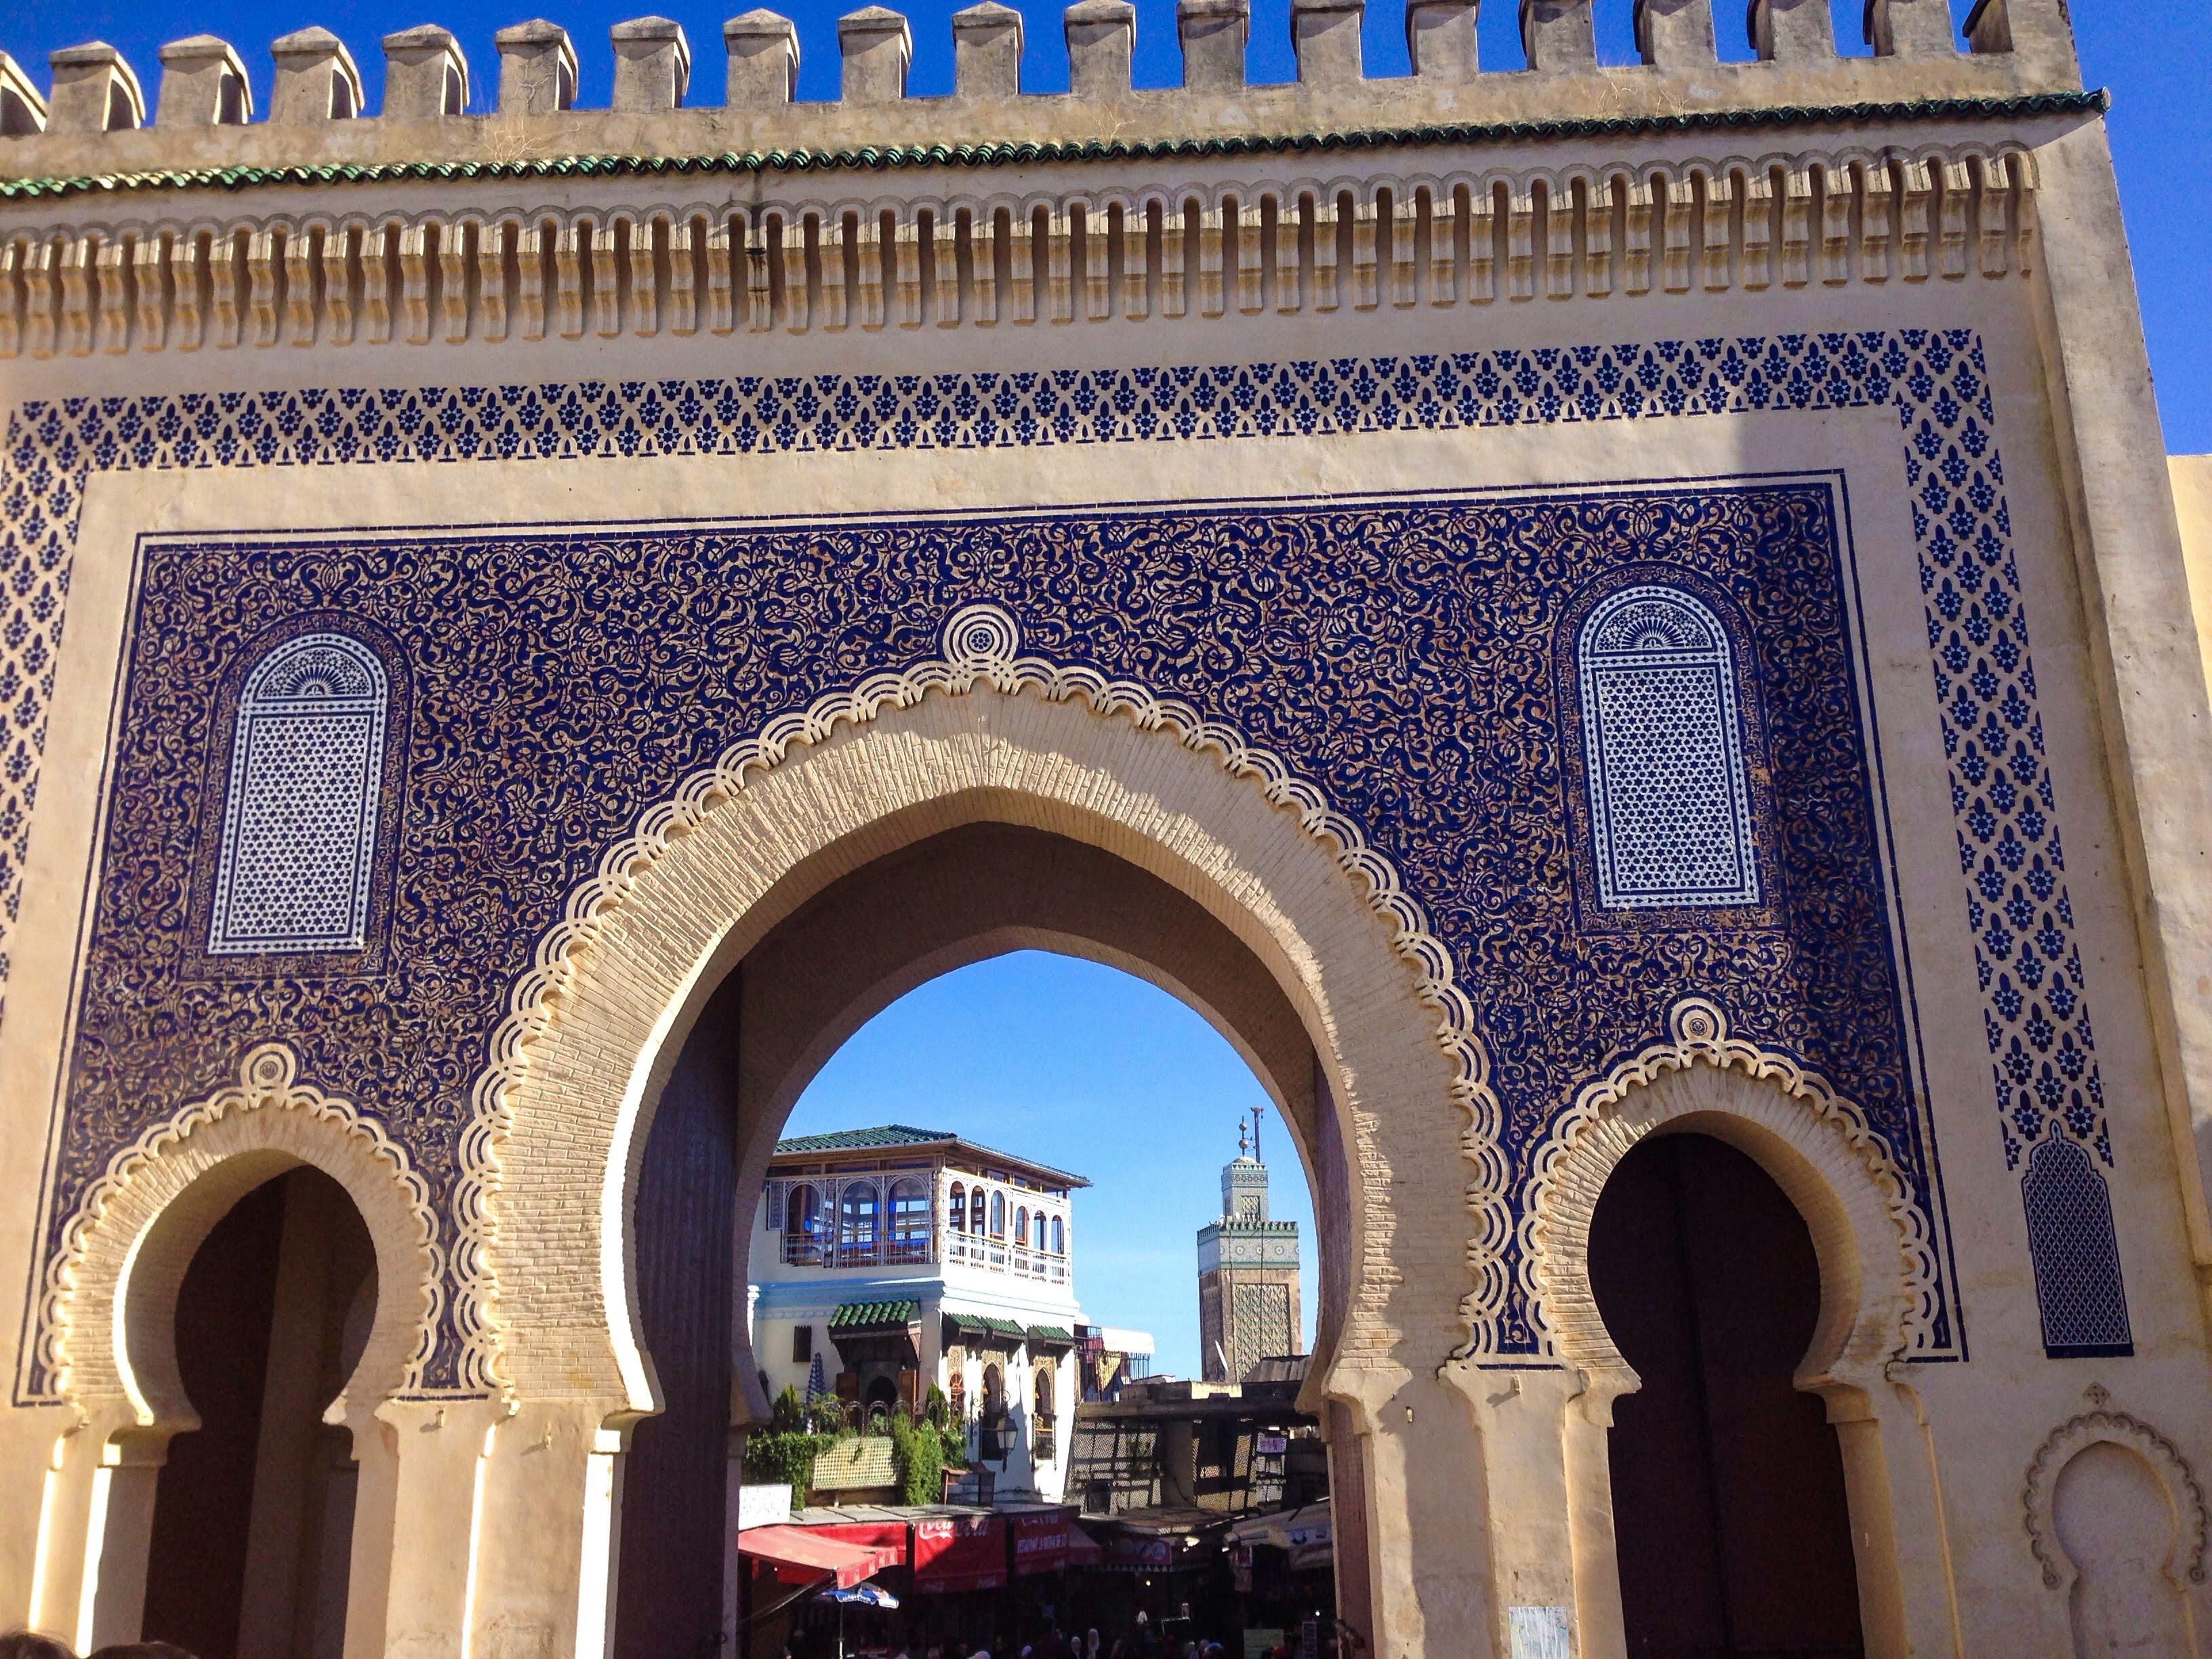 Fez Fes Morocco Blue Gate medina old market